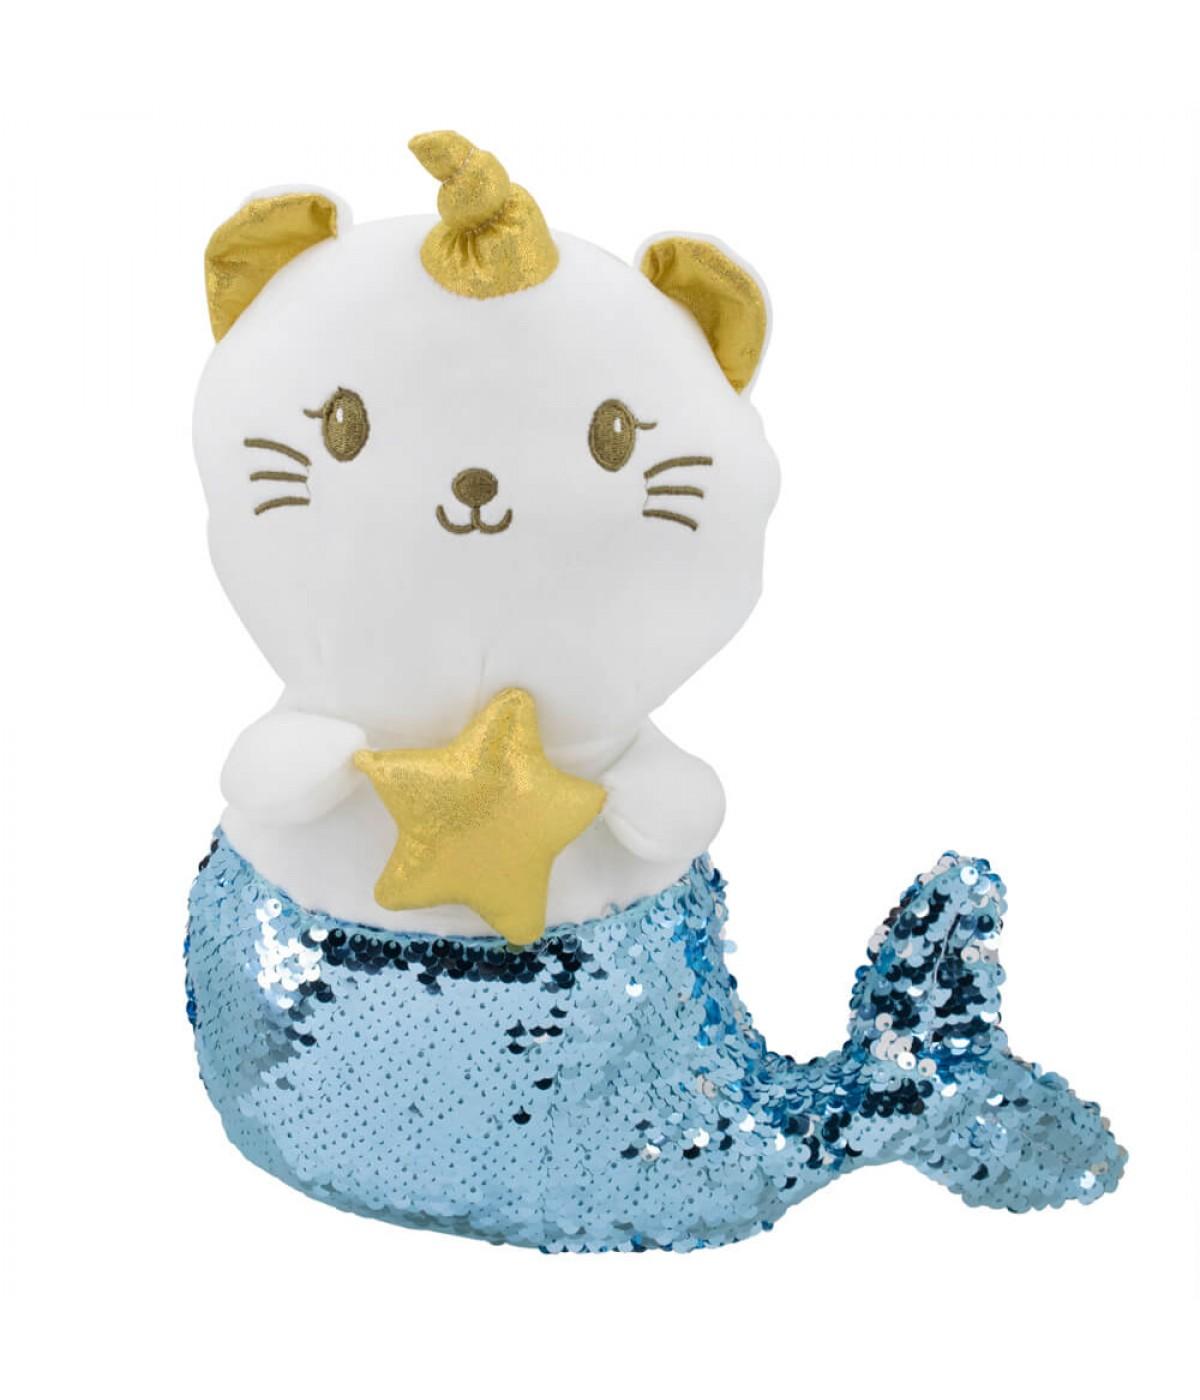 Sereia De Gato Branco Chifre Lantejoulas Azul Prateado 35cm - Pelúcia